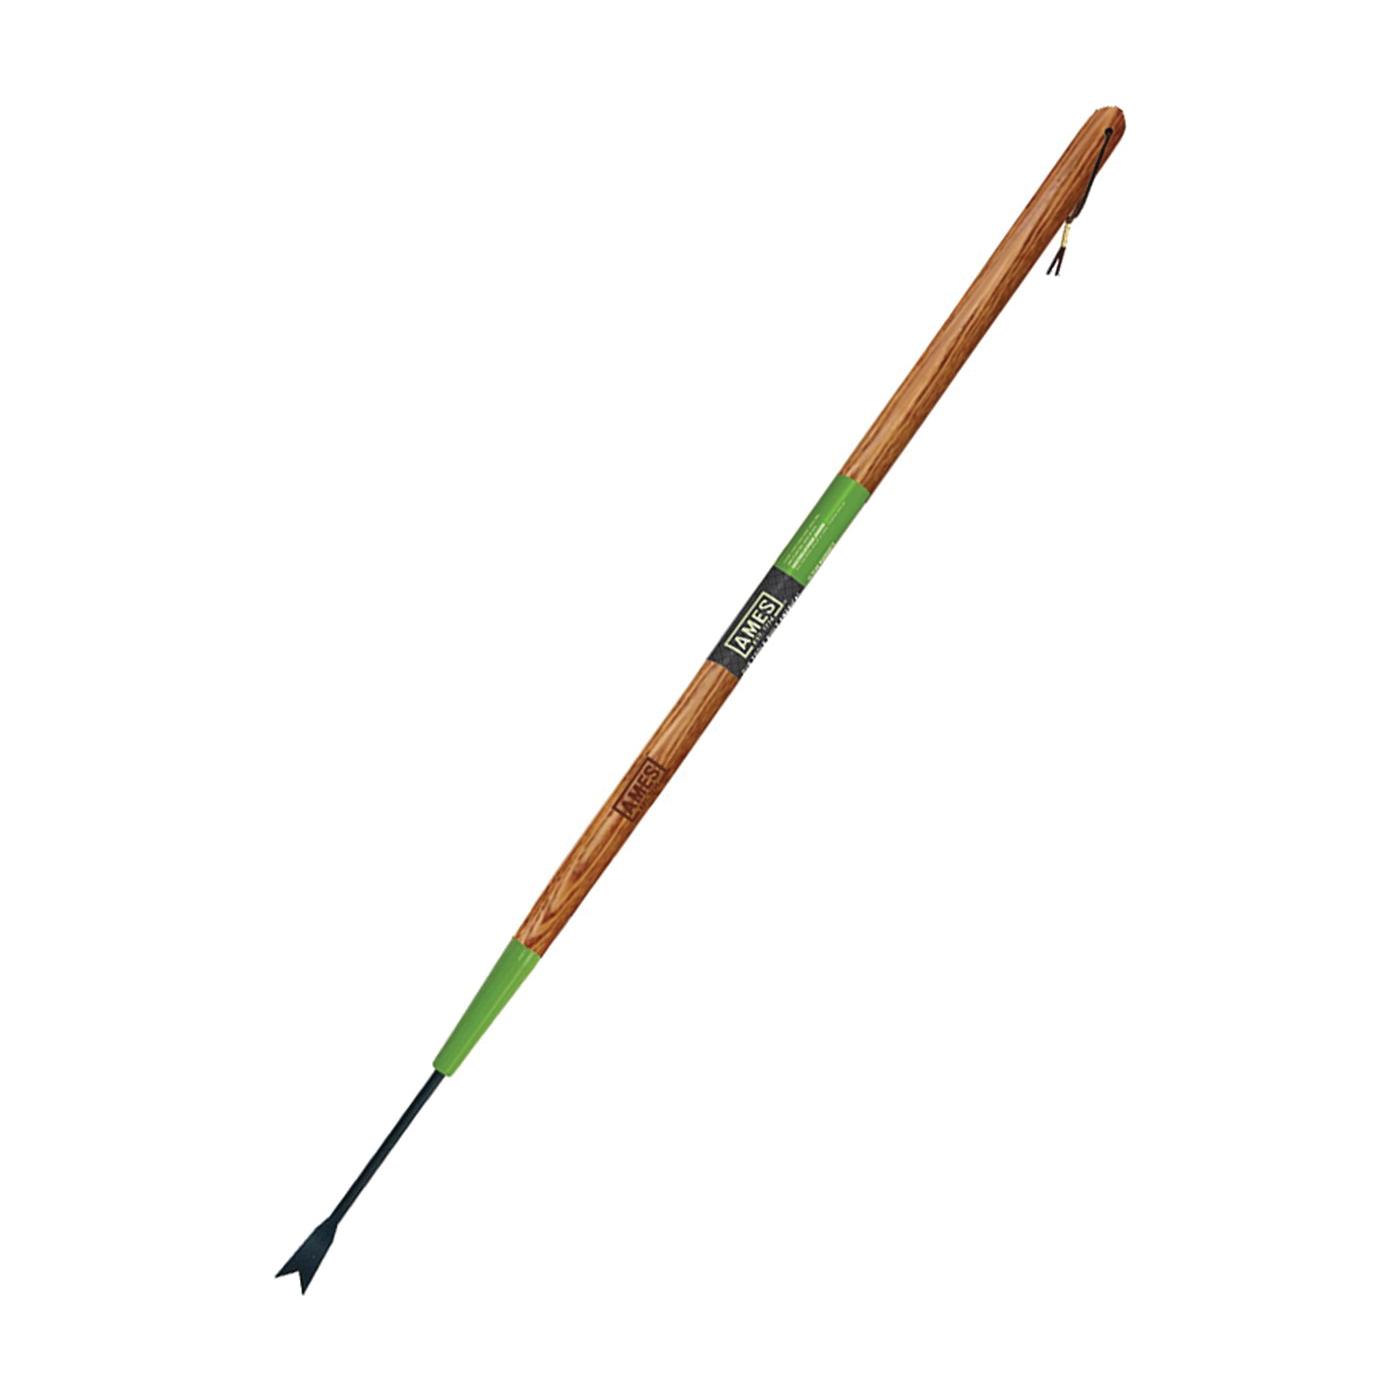 Picture of AMES 2942100 Forged Dandelion Weeder, Steel Blade, V-Notched Blade, Hardwood Handle